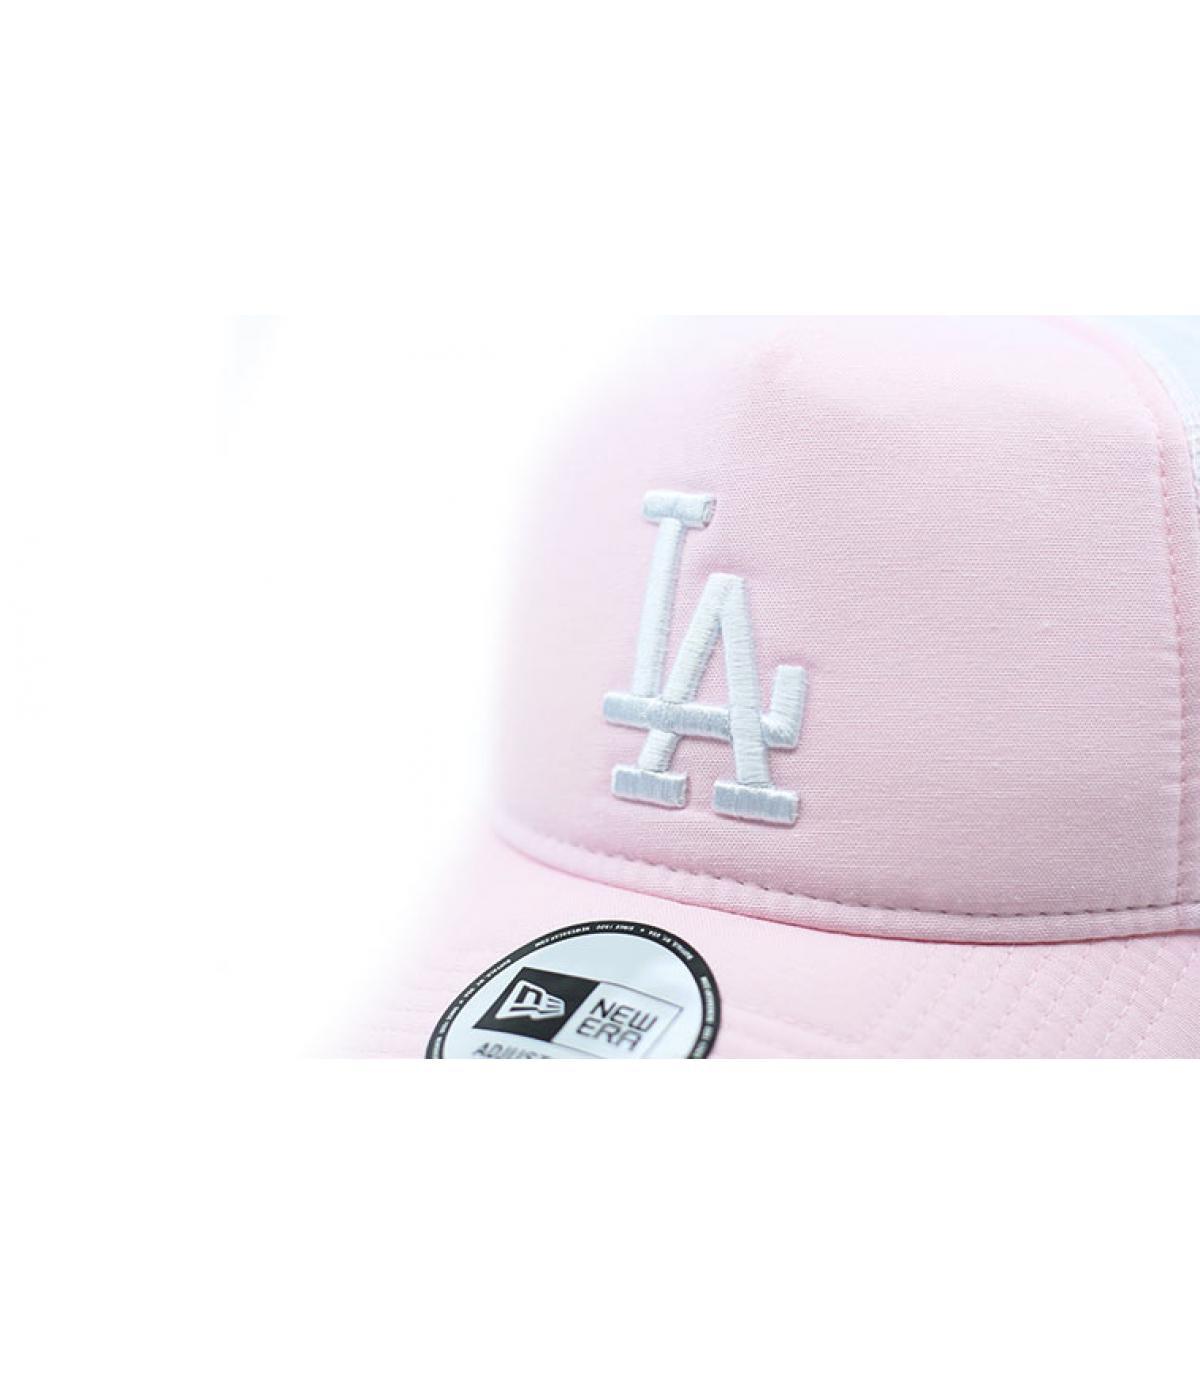 Détails MLB Oxford LA pink - image 3